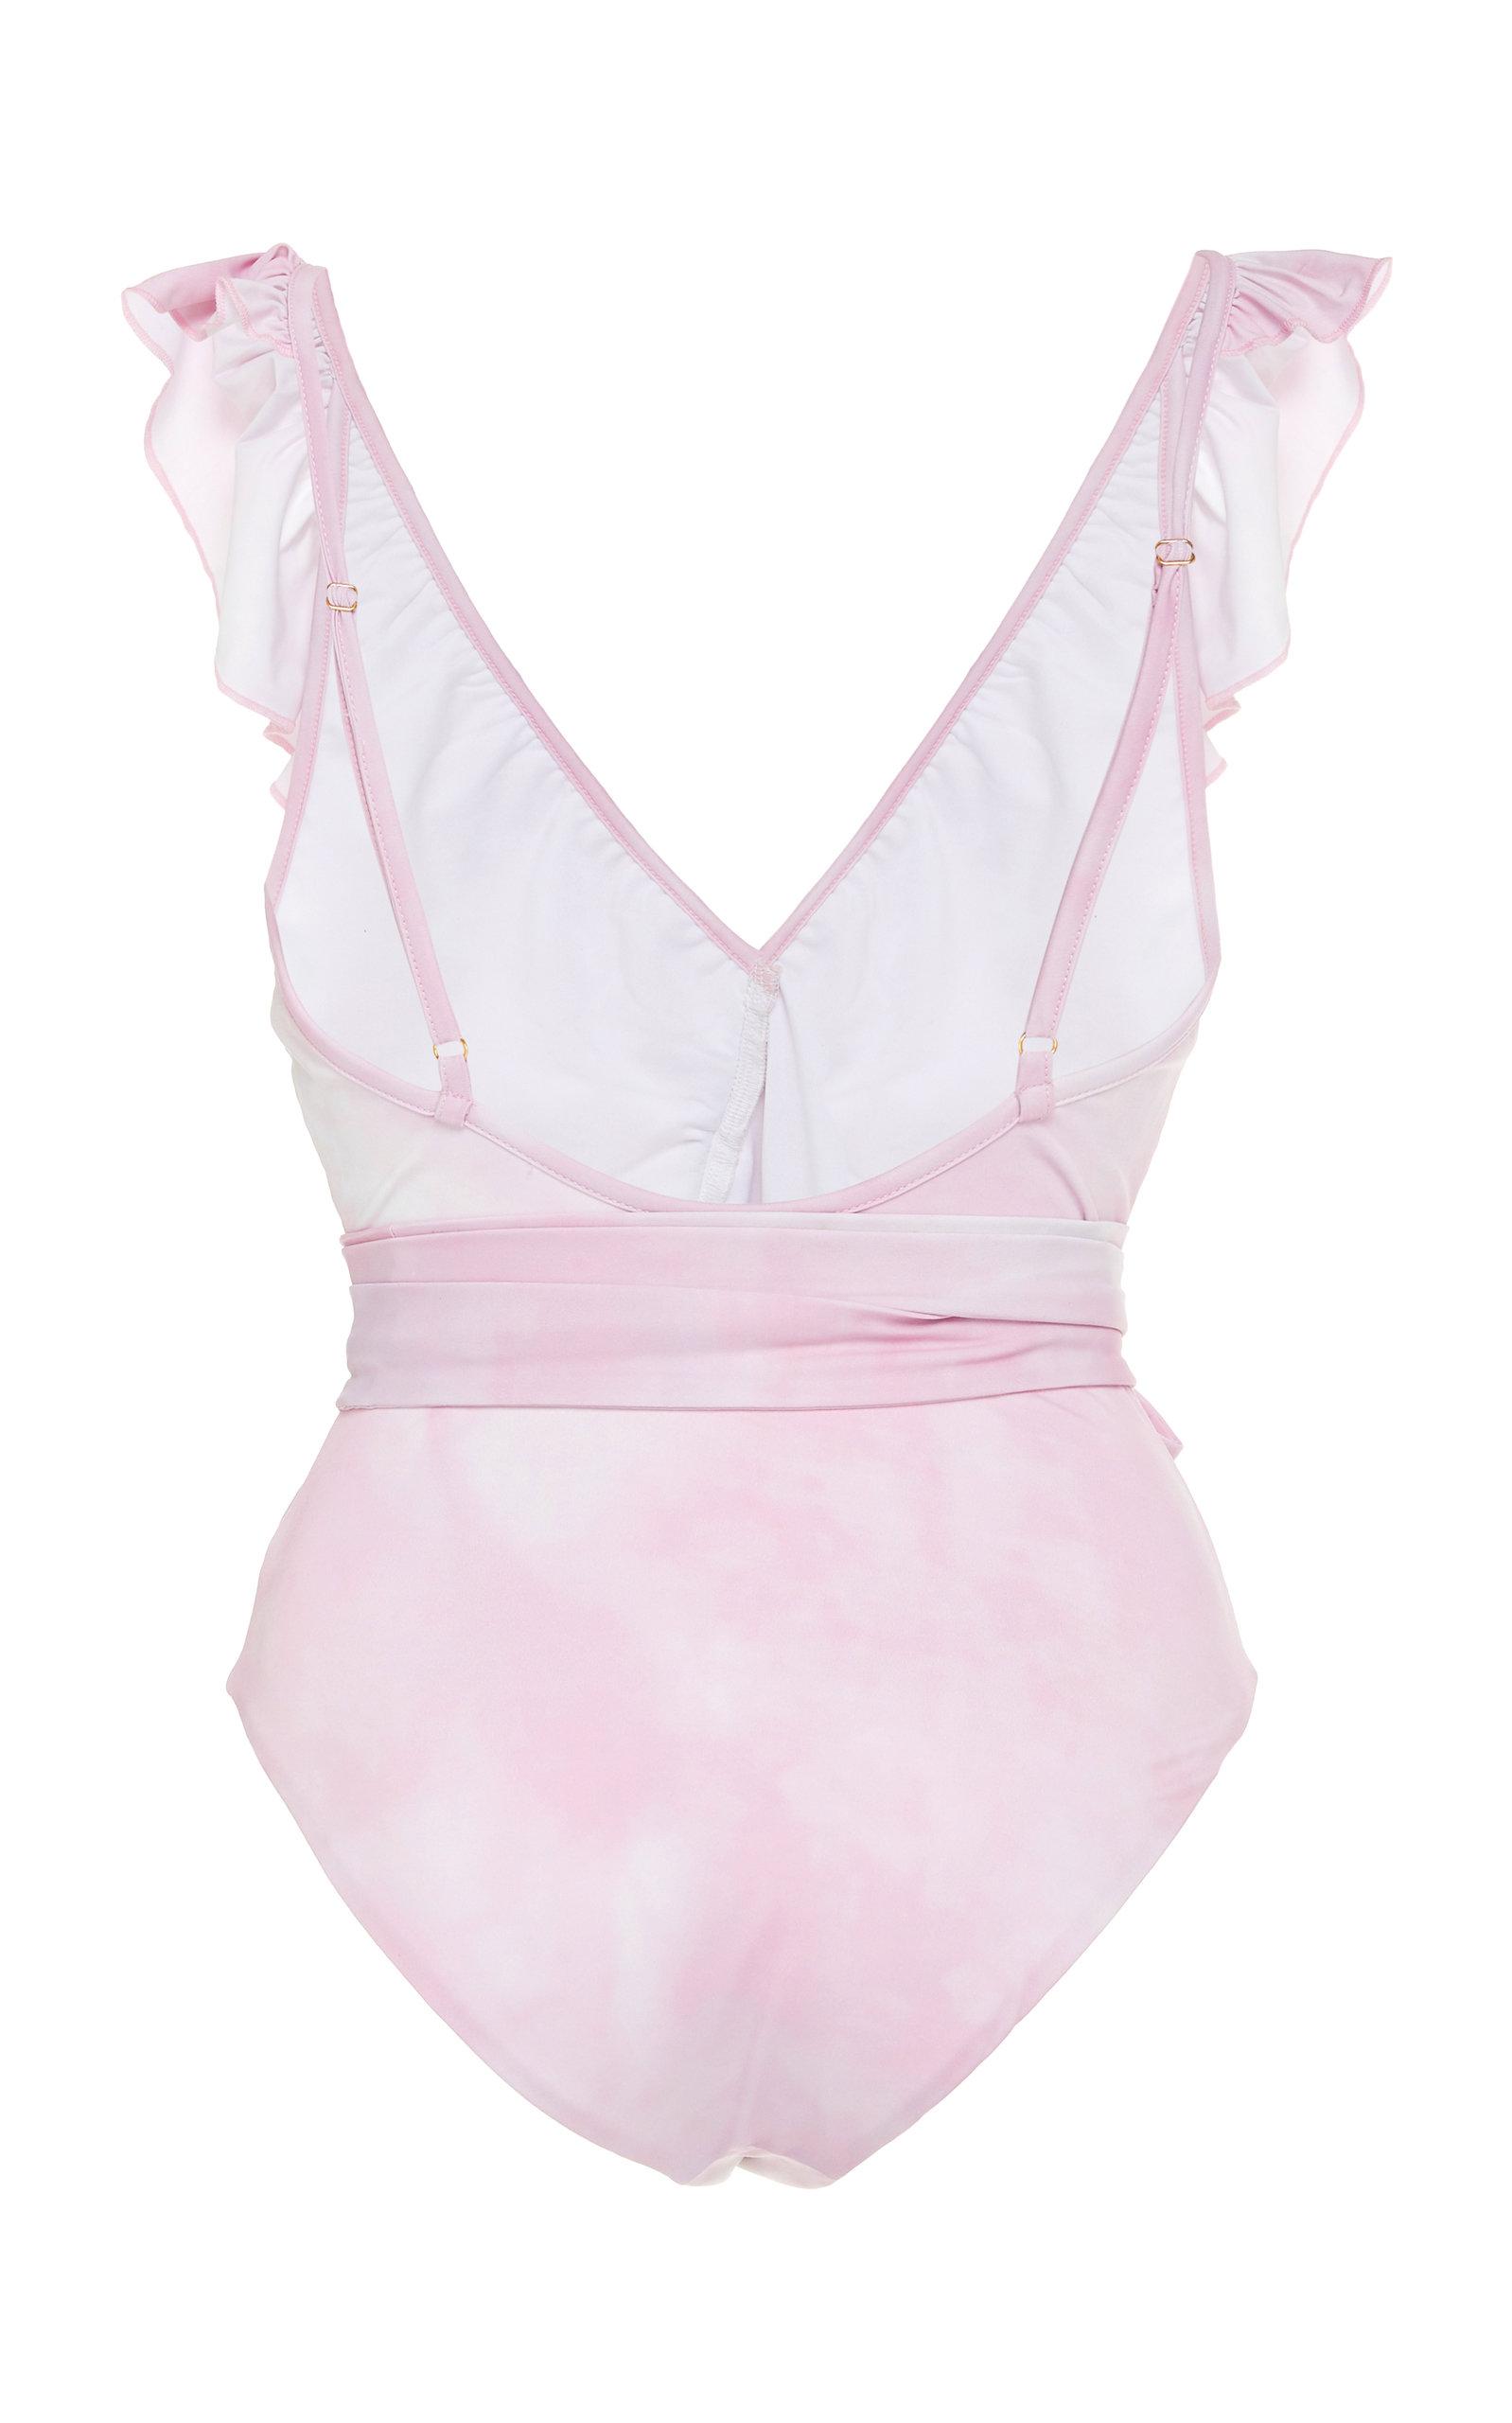 0da974d574f LoveShackFancyJasper Ruffled Belted One-Piece Swimsuit. CLOSE. Loading.  Loading